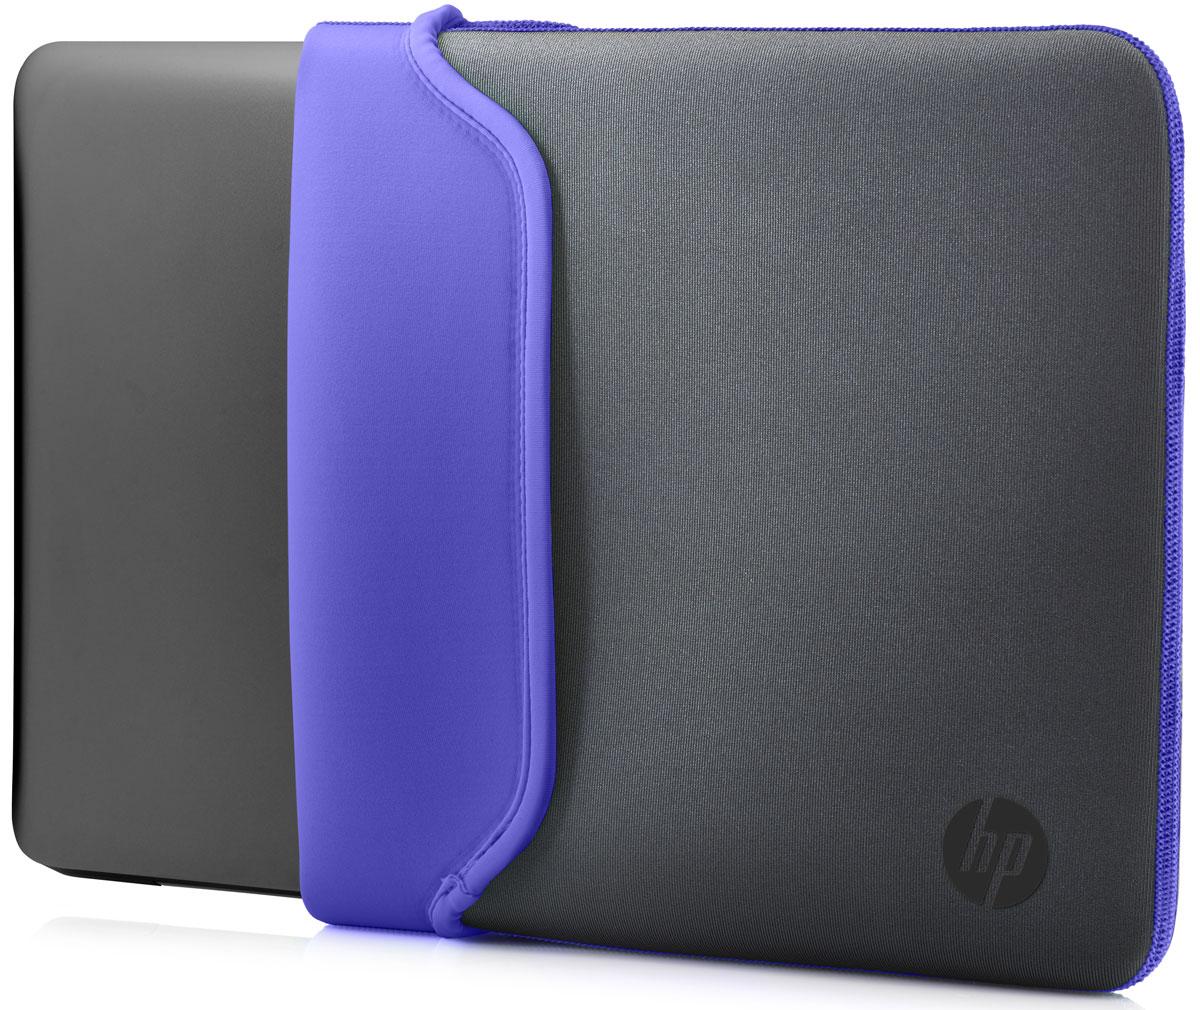 HP Neoprene Sleeve чехол для ноутбука 14, Grey Purple (V5C28AA)1000397106Поместите свой ноутбук в этот яркий и надежный цветной чехол HP Neoprene Sleeve. Этот прочный неопреновый чехол защищает ваш ПК от внешних воздействий, ударов и царапин. Аксессуар выполнен из двустороннего материала, так что вы в любой момент можете изменить его цвет.